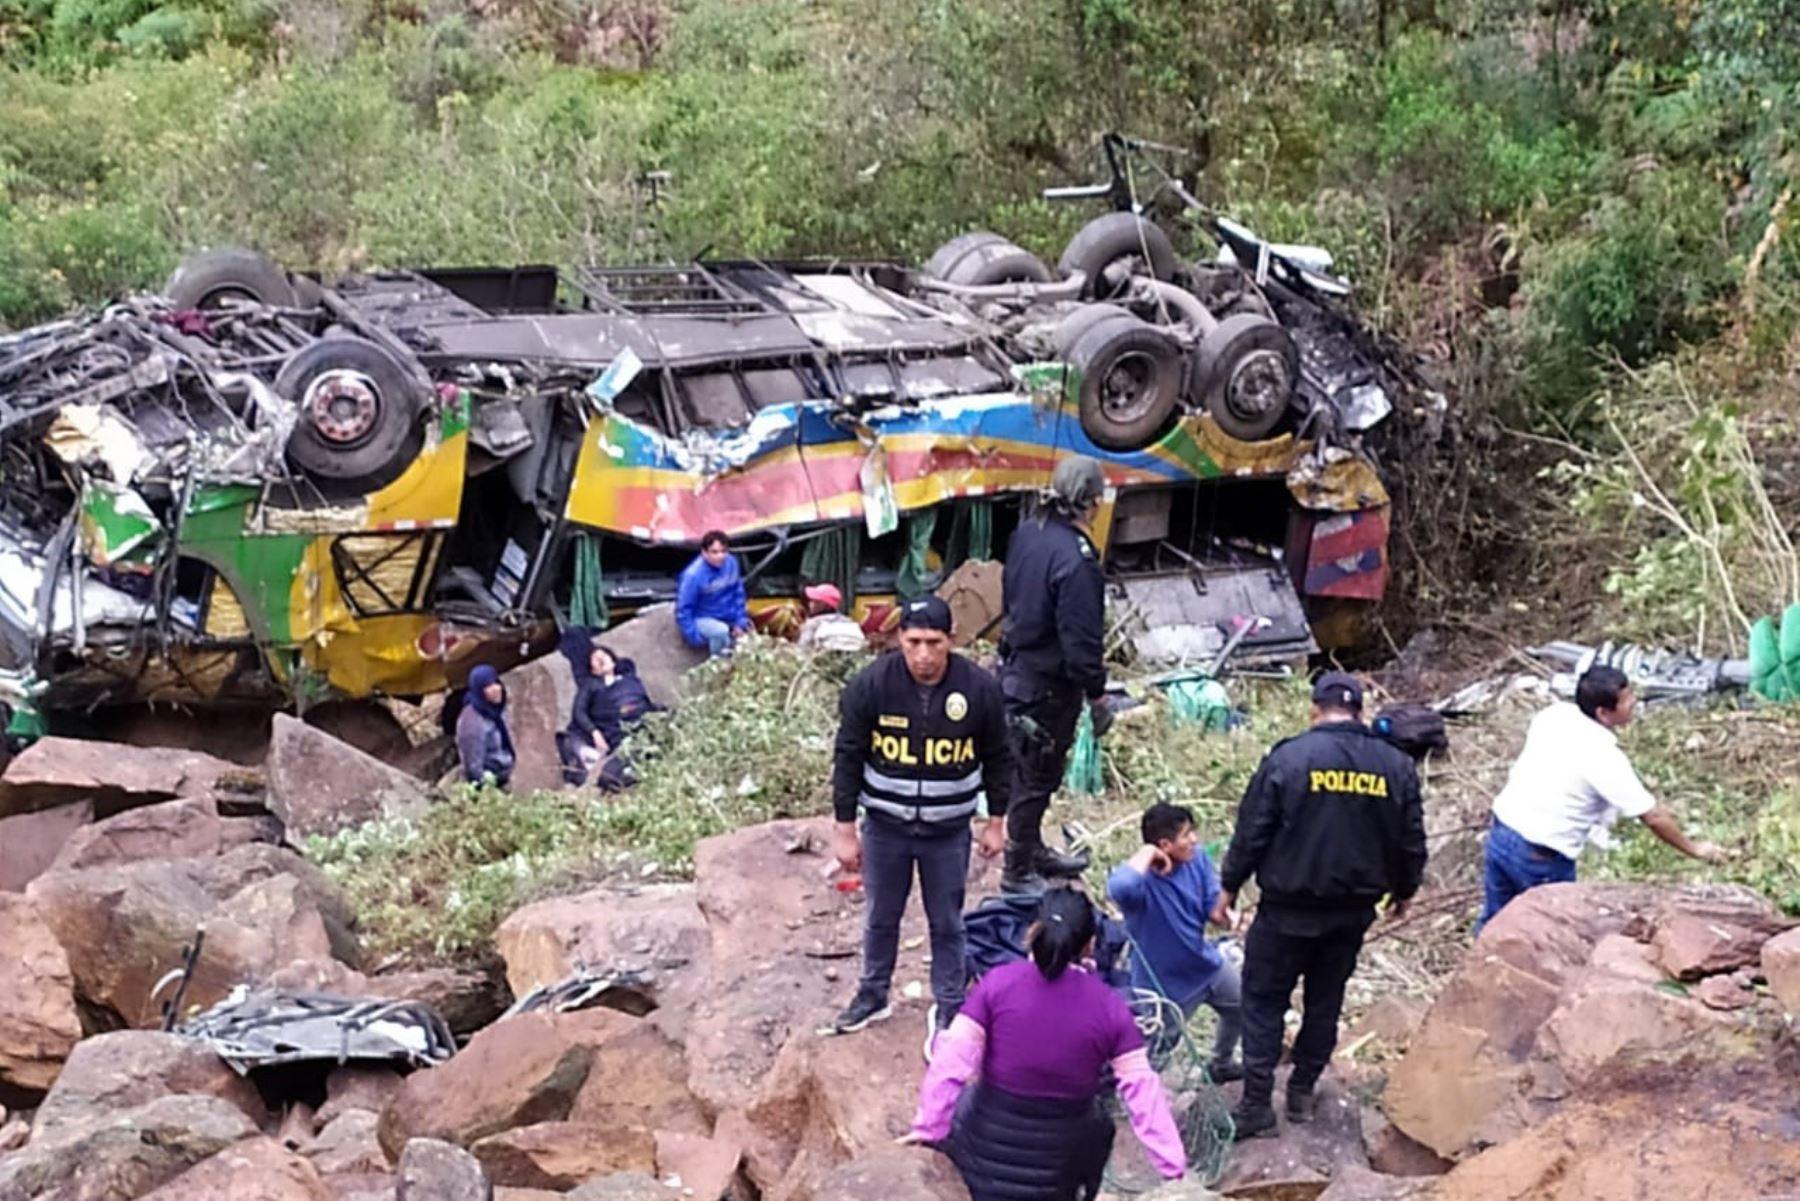 Autoridades identifican a cinco primeras víctimas de accidente en Cusco que dejó 23 muertos. Foto: Walberto Incaroca